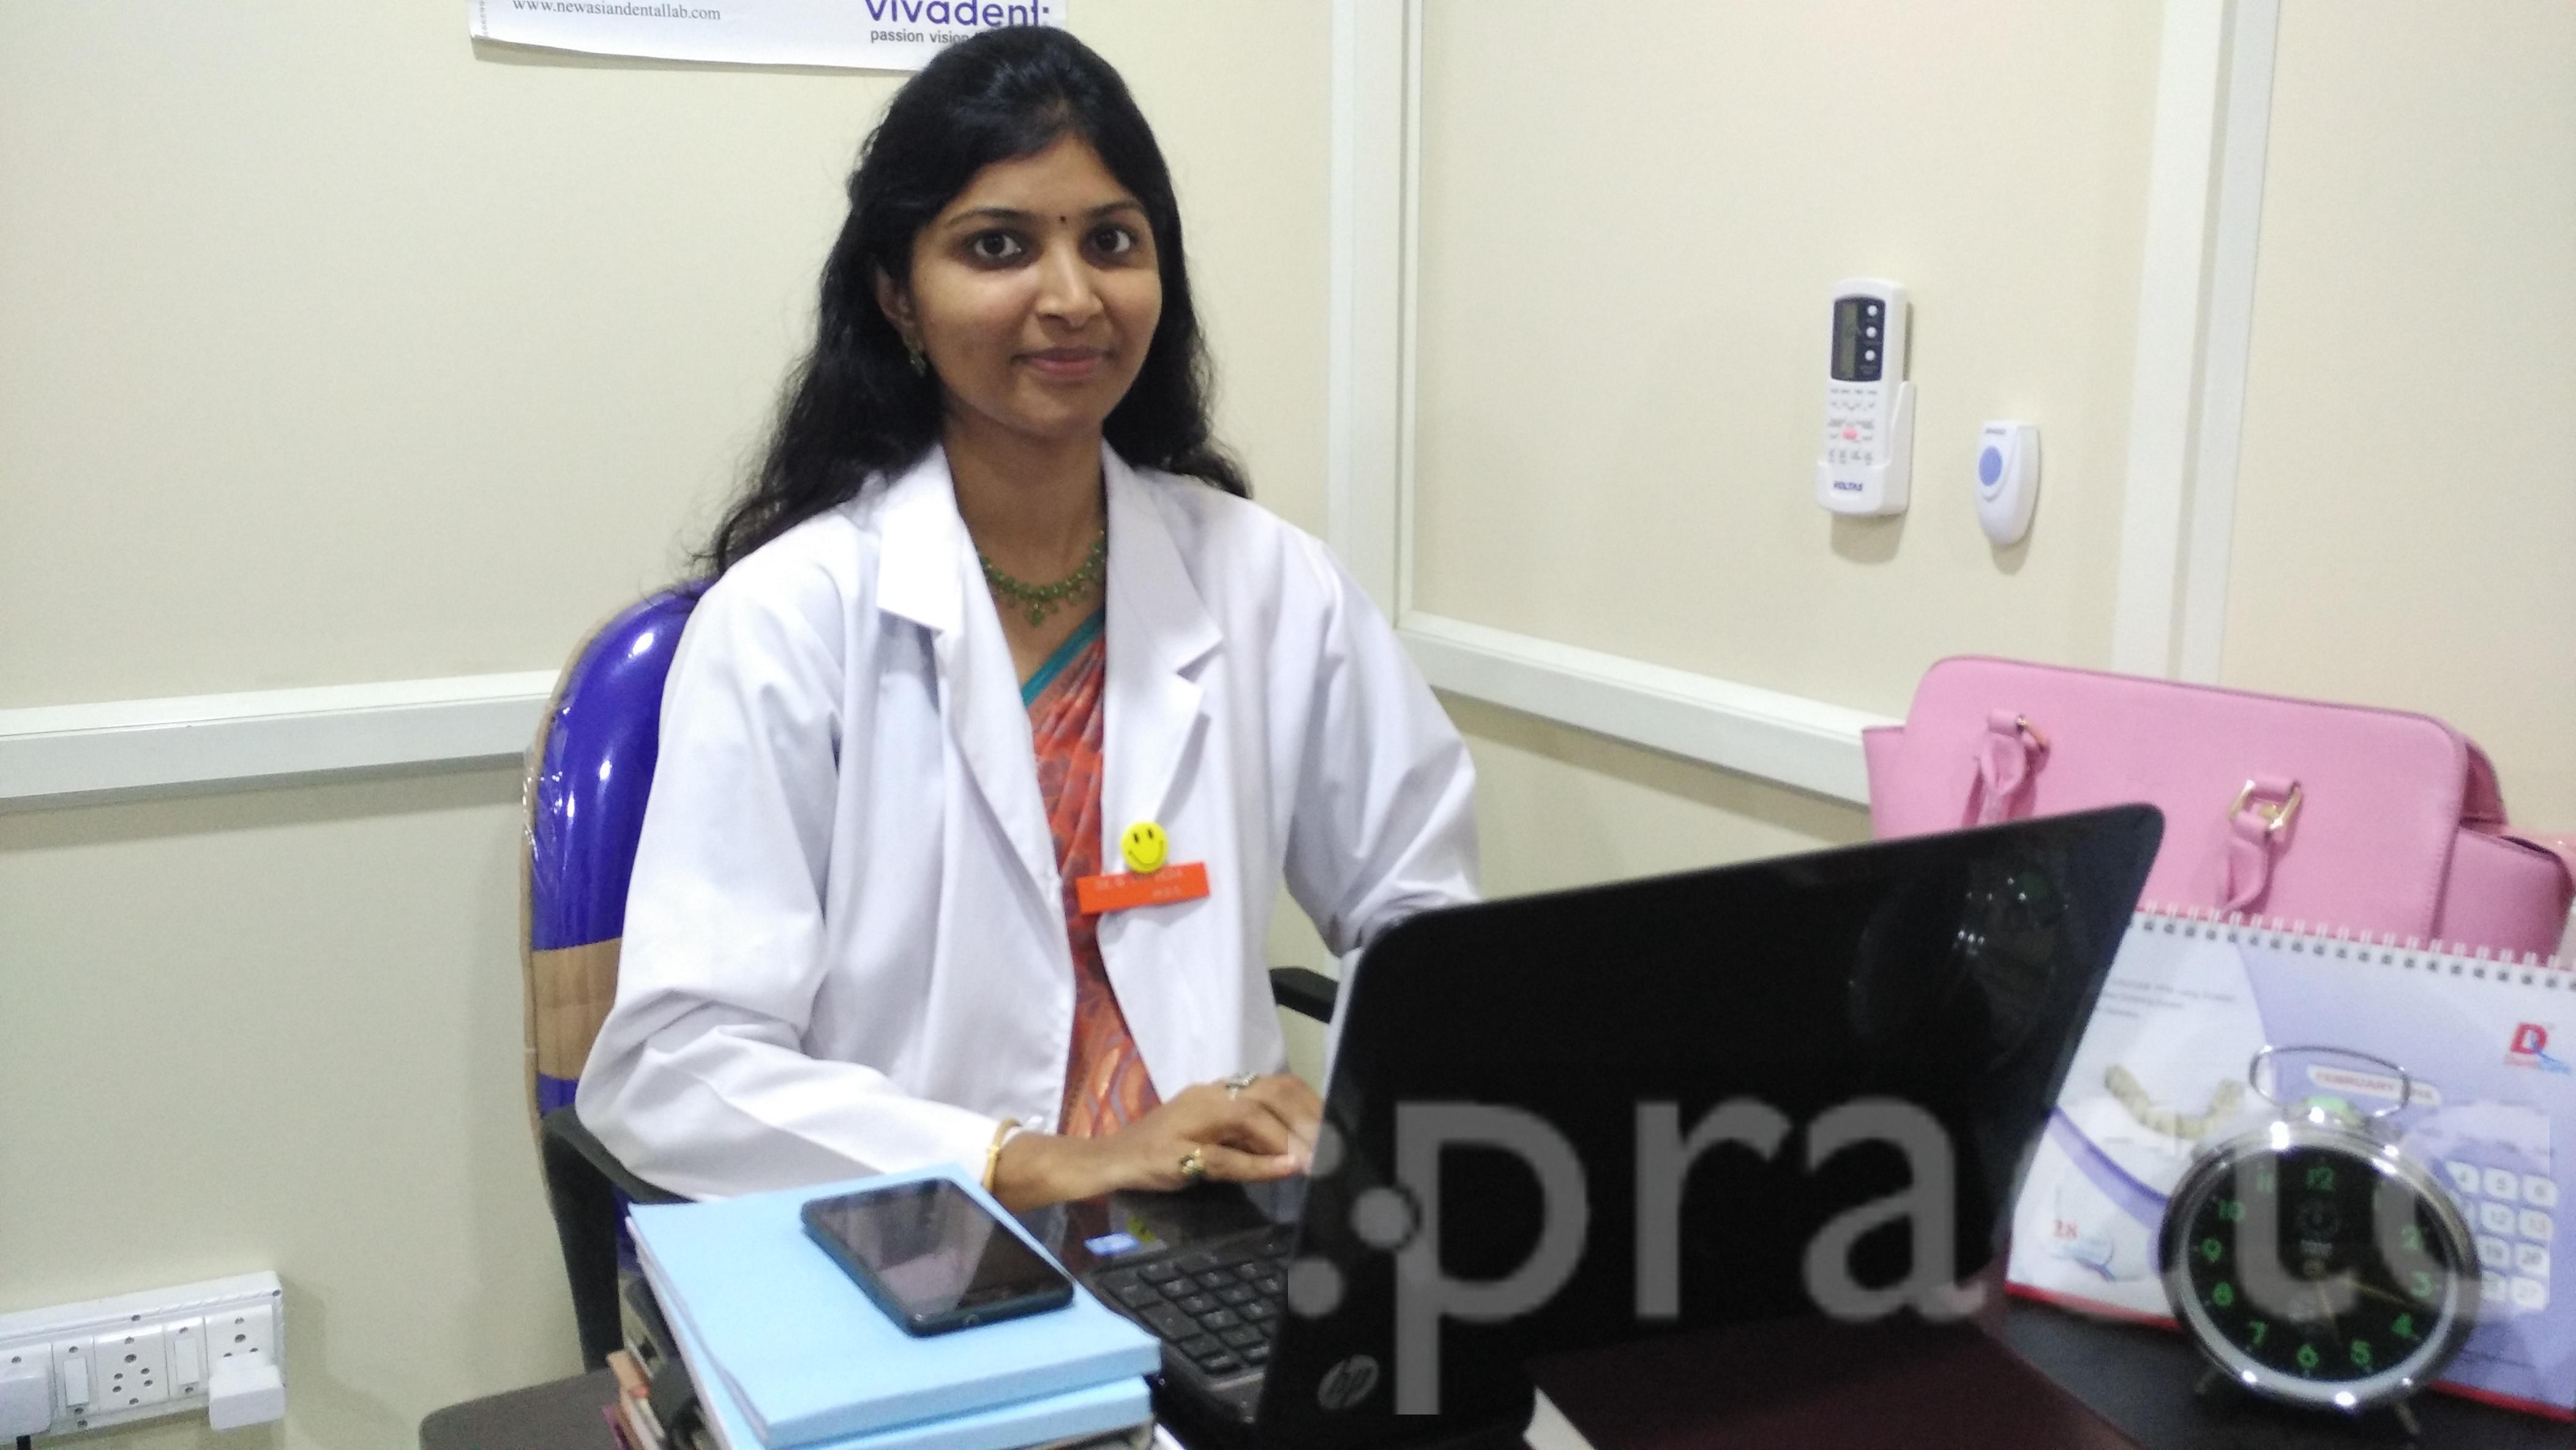 Dr. Sri Veda Gurugubelli - Dentist